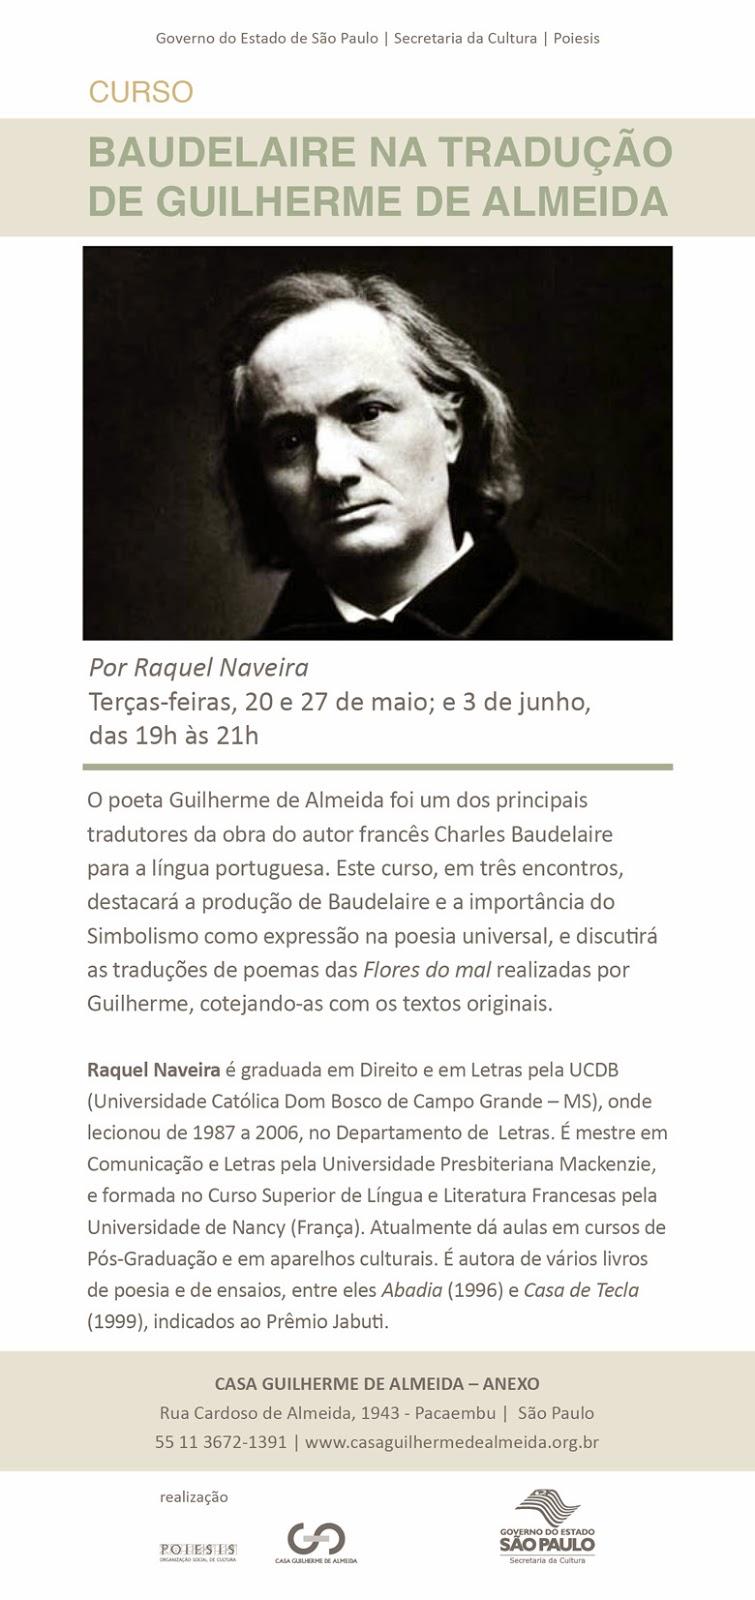 Curso Baudelaire Na Tradução De Guilherme De Almeida